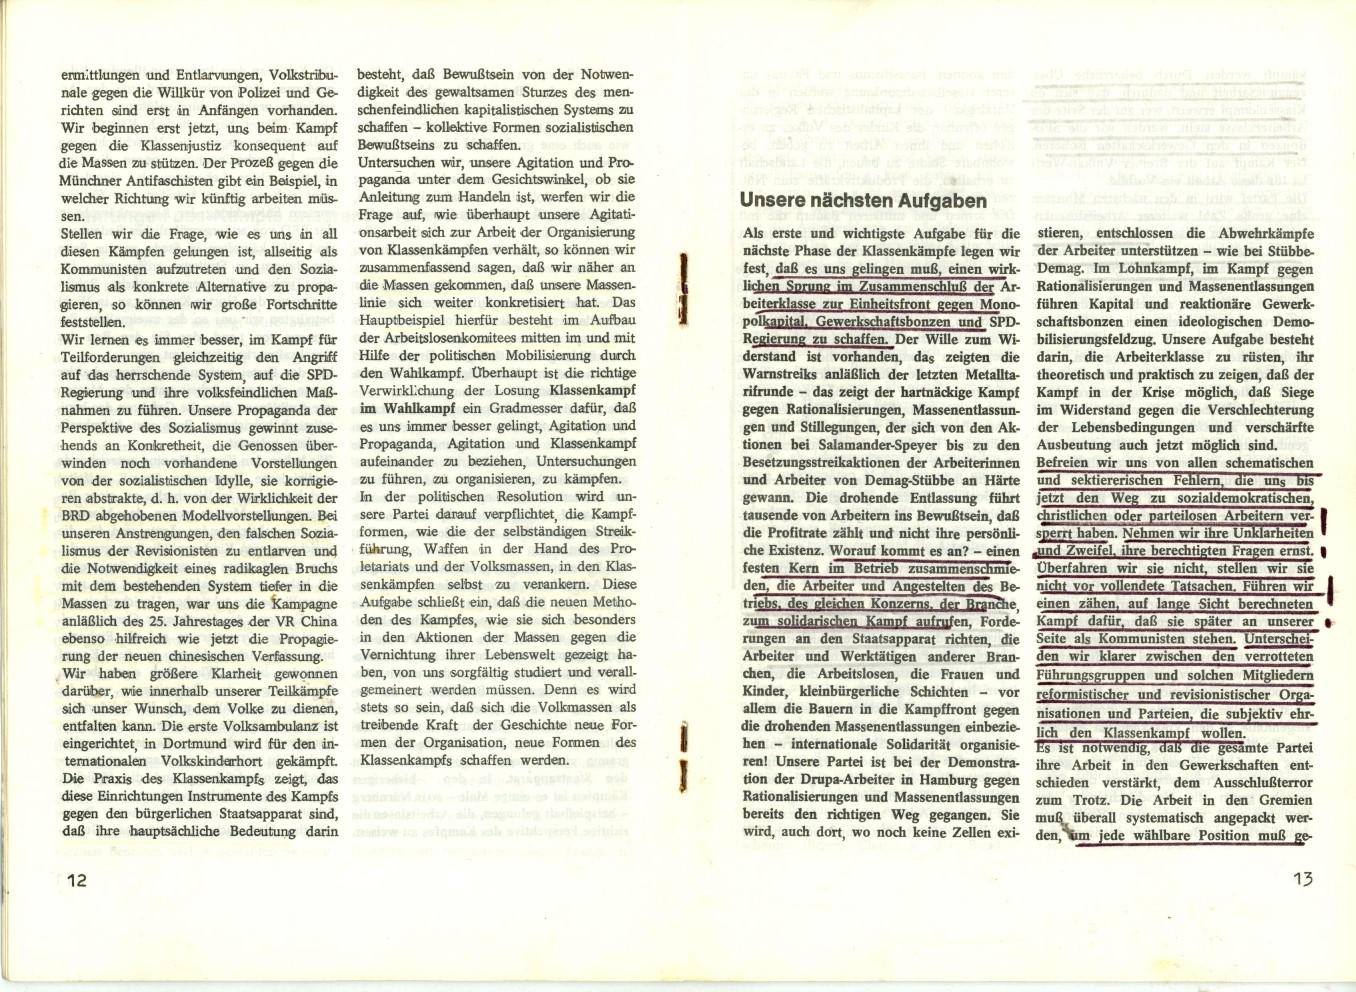 KPD_Entschliessungen_19750200_08